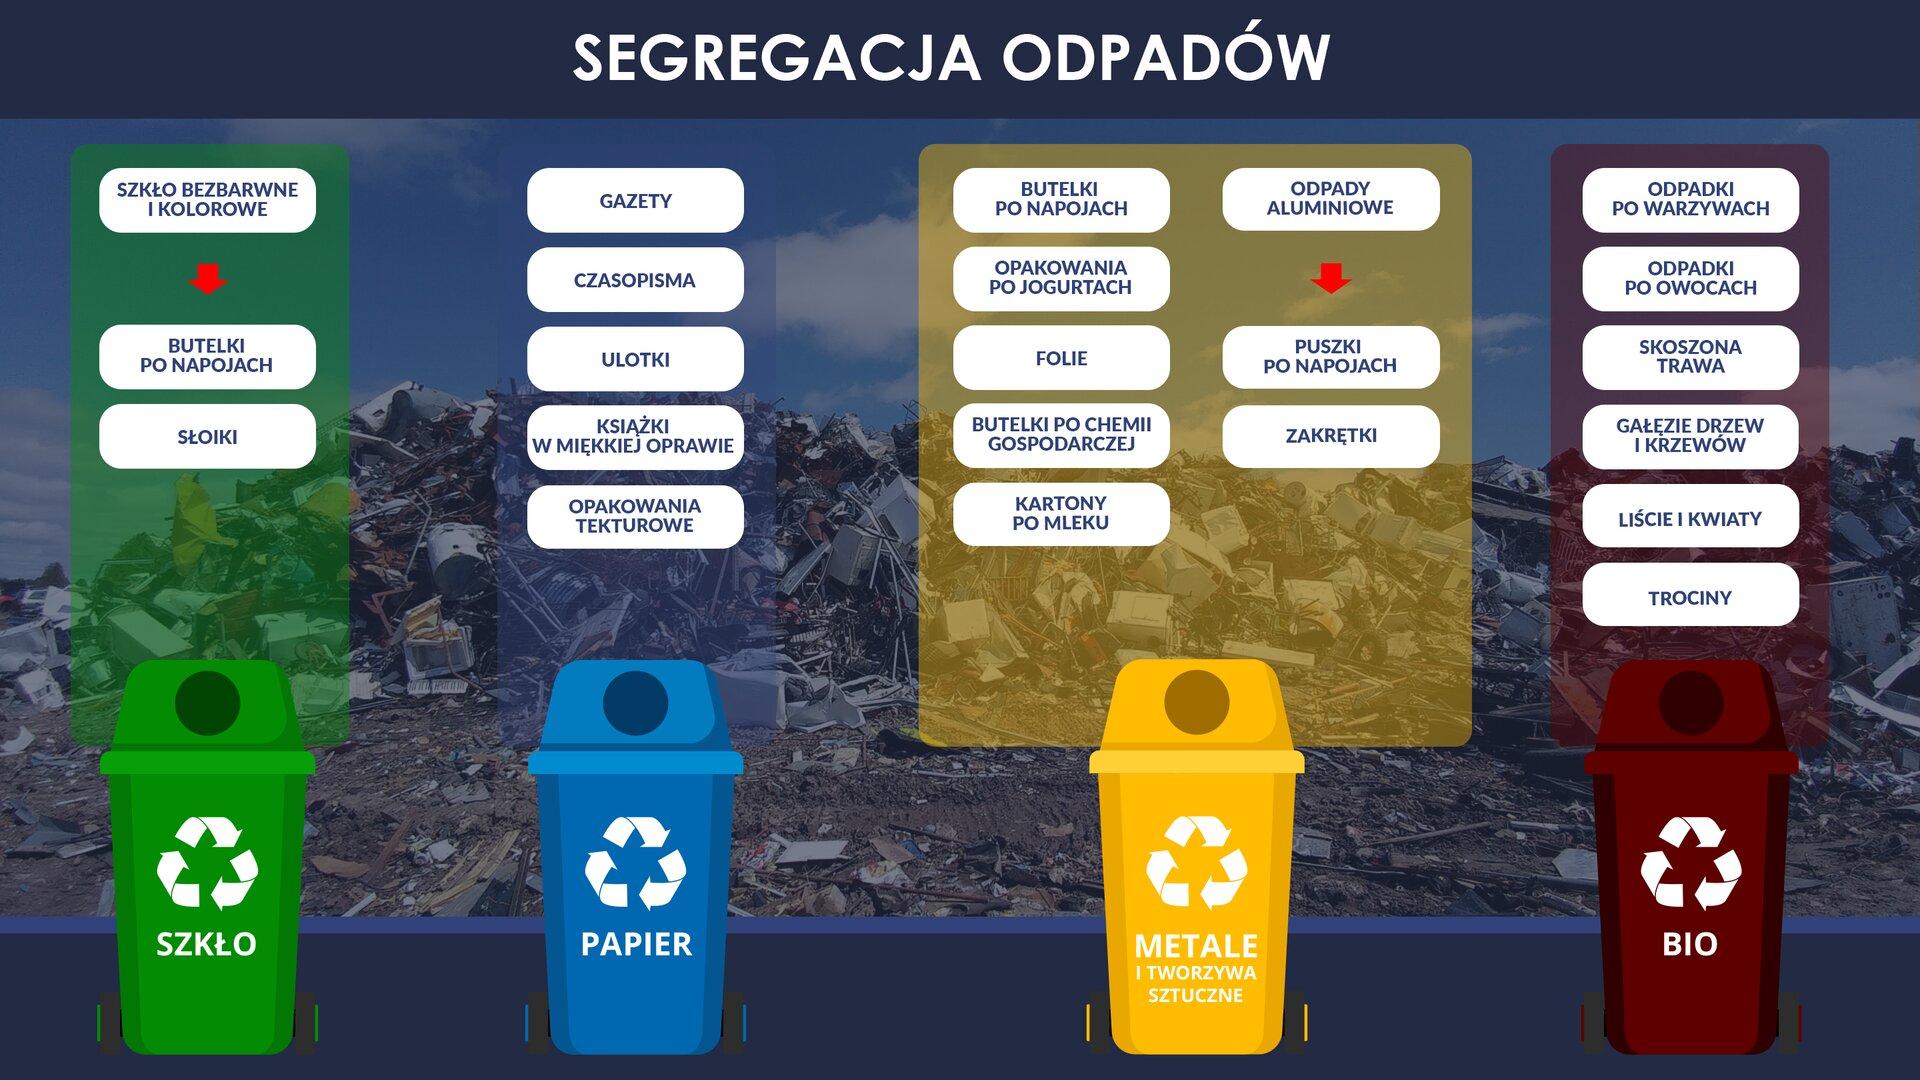 """Ilustracja przedstawia zasady segregacji różnego rodzajów odpadów. Tłem zdjęcia jest hałda na wysypisku śmieci. Zdjęcie utrzymane jest wtonacji niebieskiej. Na dole jest ciemnoniebieski pasek. Wzdjęcie wkomponowane są rysunki sześciu pojemników na odpady. Na każdym pojemniku znajduje się granatowy kwadrat zwkomponowanym białym logo recyklingu. Pojemniki umieszczone są wdolnej części ilustracji. Każdy jest winnym kolorze ipodpisany pod spodem, dużymi białymi literami. Od lewej: brązowy pojemnik podpisany """"BIO"""", niebieski """"PAPIER"""", ŻÓŁTY """"PLASTIK"""", zielony """"SZKŁO"""", czerwony """"METAL"""", ciemnoszary """"INNE"""". Nad każdym pojemnikiem ułożone wkolumnie znajdują się okienka, wktóre wpisano rodzaje odpadów, które powinny być wrzucane do tych pojemników. Nad pojemnikiem opisanym: """"BIO"""": – odpadki po warzywach, odpadki po owocach, skoszona trawa, gałęzie drzew ikrzewów, liście ikwiaty, trociny. Nad pojemnikiem opisanym: - """"PAPIER"""" – gazety, czasopisma, ulotki, książki wmiękkiej oprawie, opakowania tekturowe. Nad pojemnikiem opisanym: - """"PLASTIK"""" – butelki po napojach, butelki po chemii gospodarczej, kartony po mleku, opakowania po jogurtach, torebki, folie worki ireklamówki. Nad pojemnikiem opisanym: """"SZKŁO"""" – szkło bezbarwne ikolorowe, butelki po napojach, słoiki. Nad pojemnikiem opisanym: """"METAL"""" – odpady metalowe, odpady aluminiowe, puszki po napojach, puszki po konserwach, puszki po przetworach, zakrętki od słoików. Nad pojemnikiem opisanym: """"INNE"""" – odpady mieszane, takie które nie wiemy jak posegregować lub nie nadają się już do powtórnego wykorzystania. Na górze ilustracji, po środku znajduje się jej tytuł: """"SEGREGACJA ODPADÓW""""."""